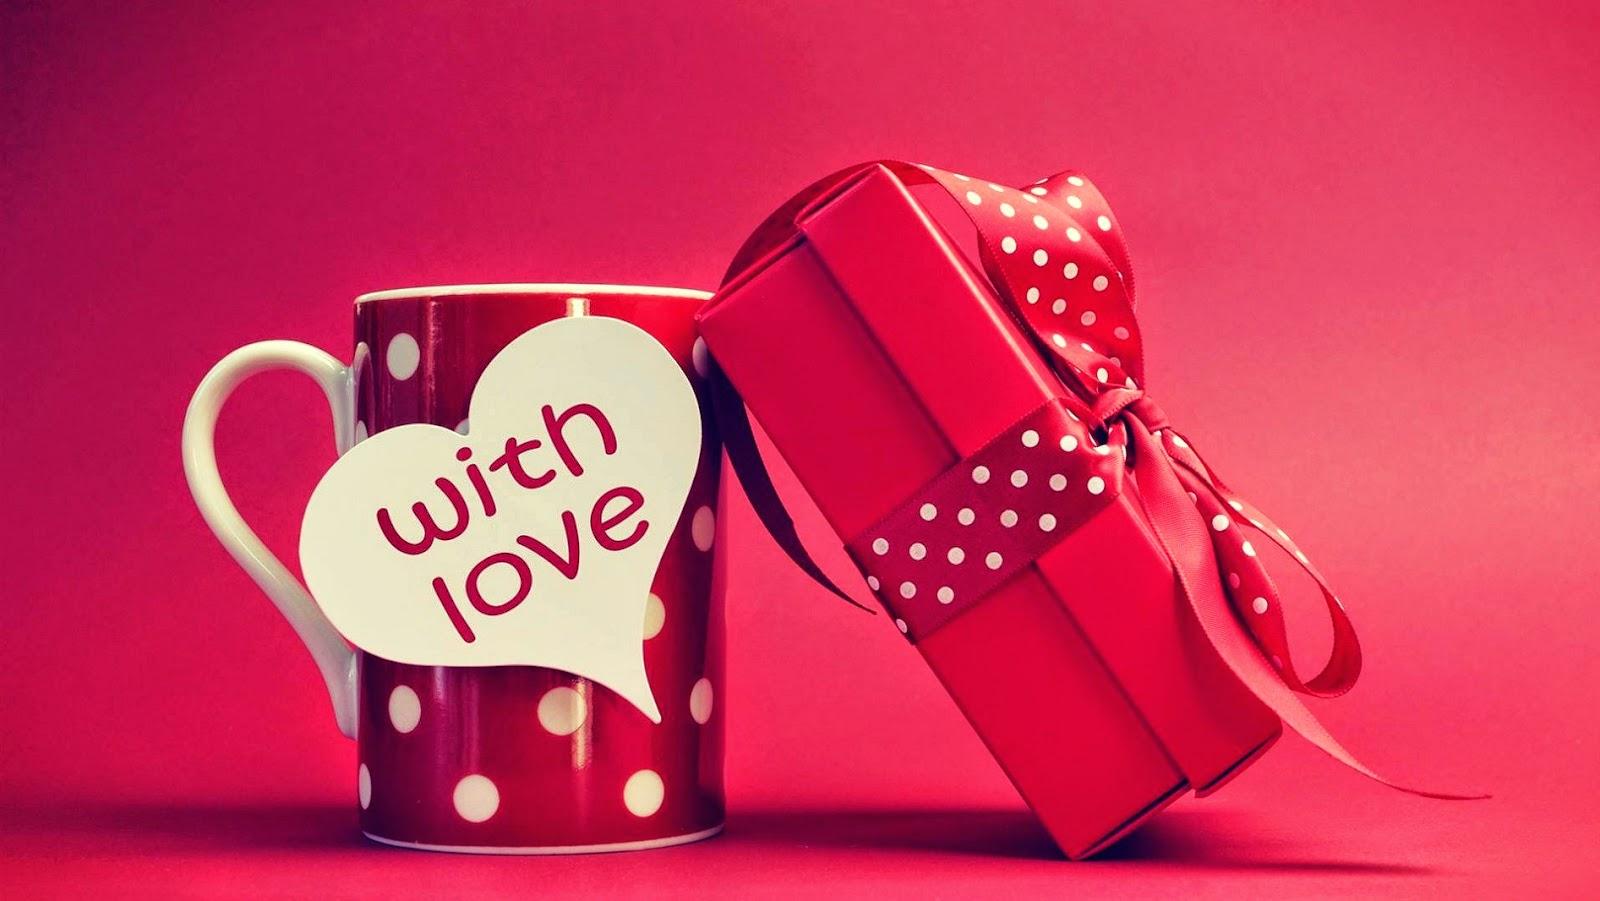 best valentines images for facebook timeline